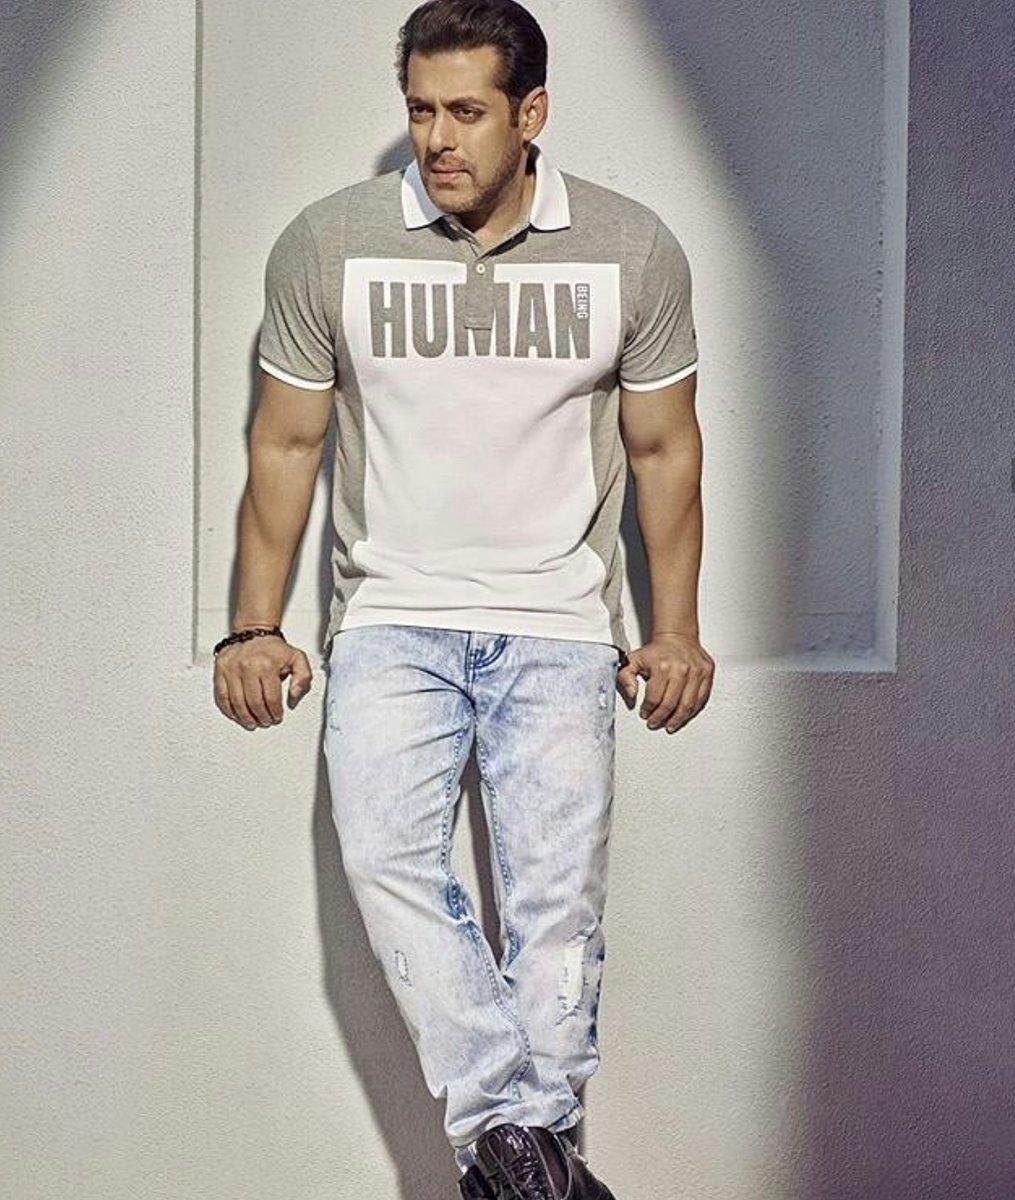 Being Human Salman Khan Hd Wallpaper